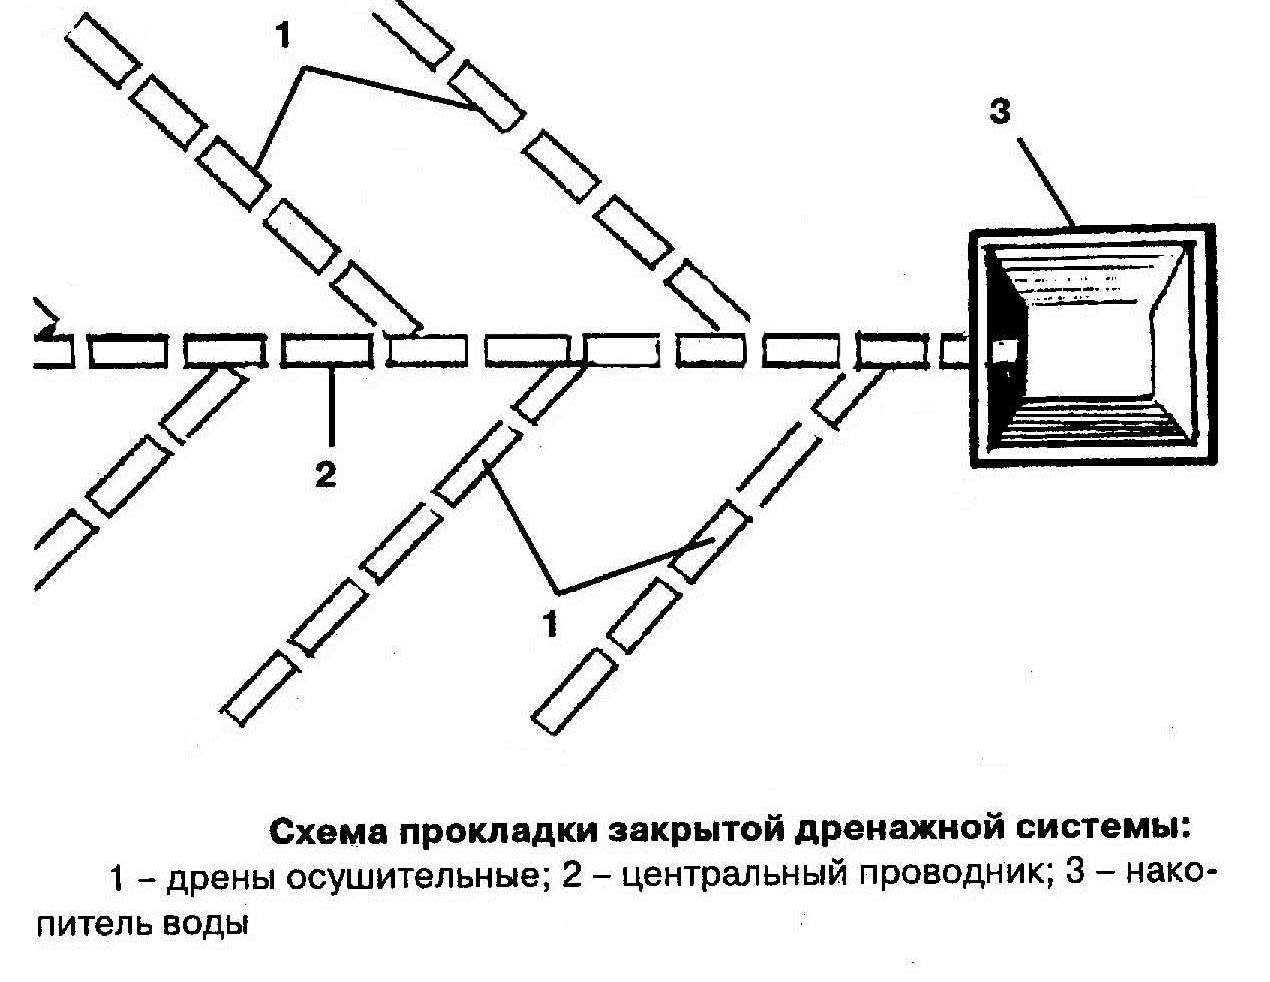 Схема прокладки дренажной системы